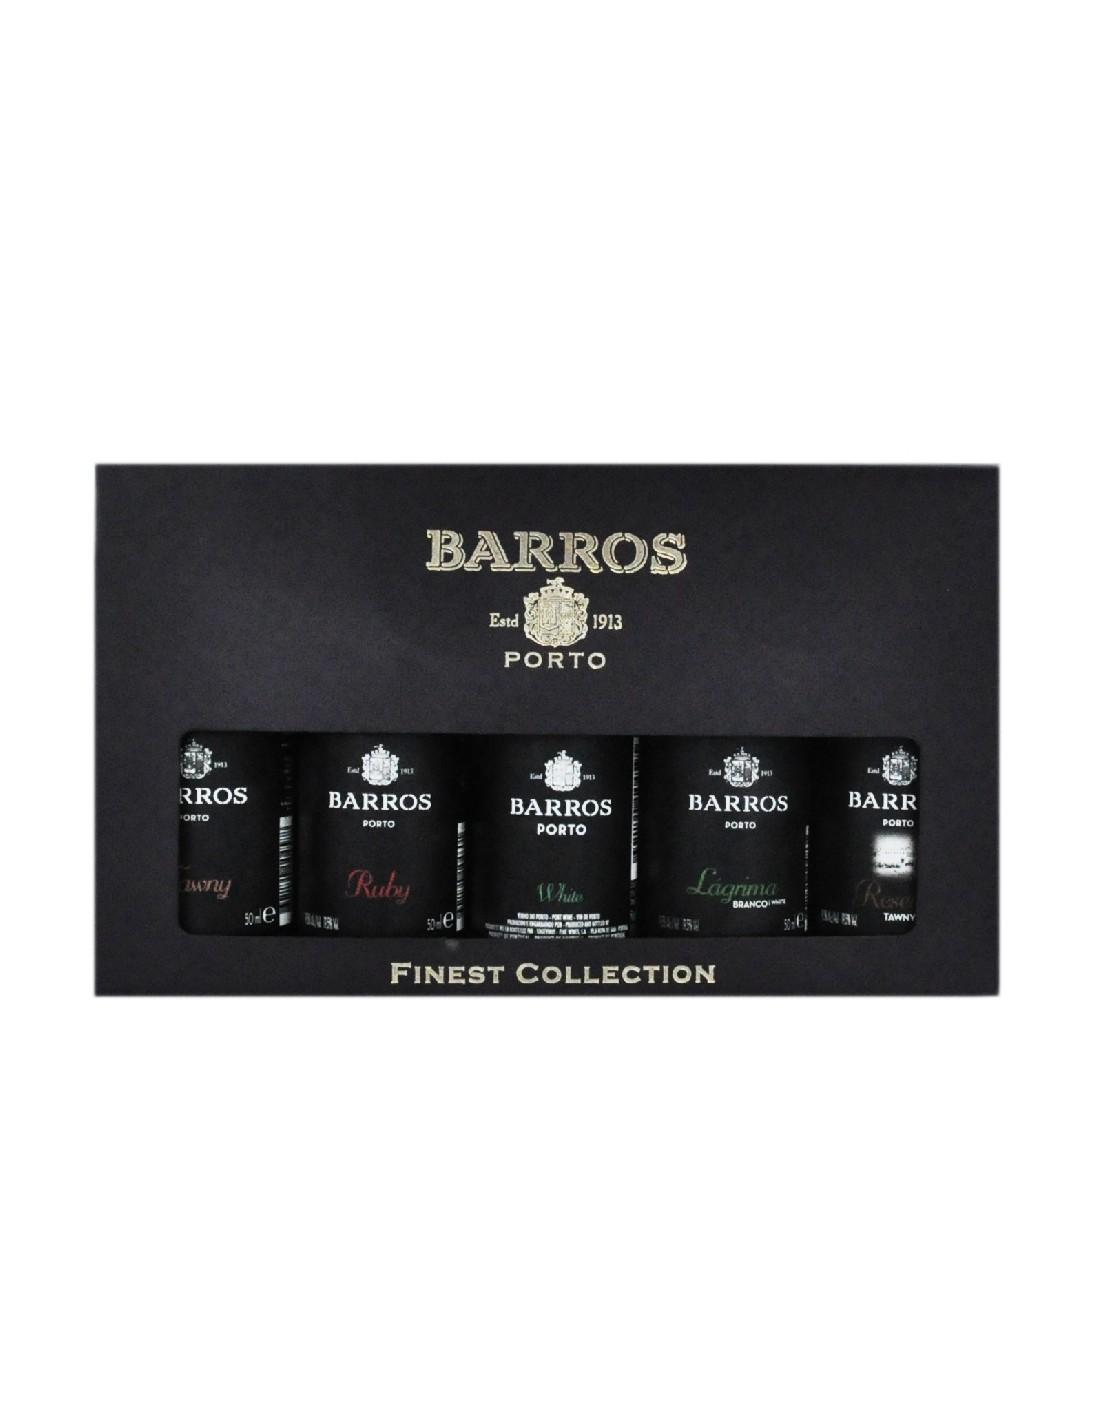 Vin porto Barros, kit 5 miniaturi, 19.5% alc., 0.05L, Portugalia